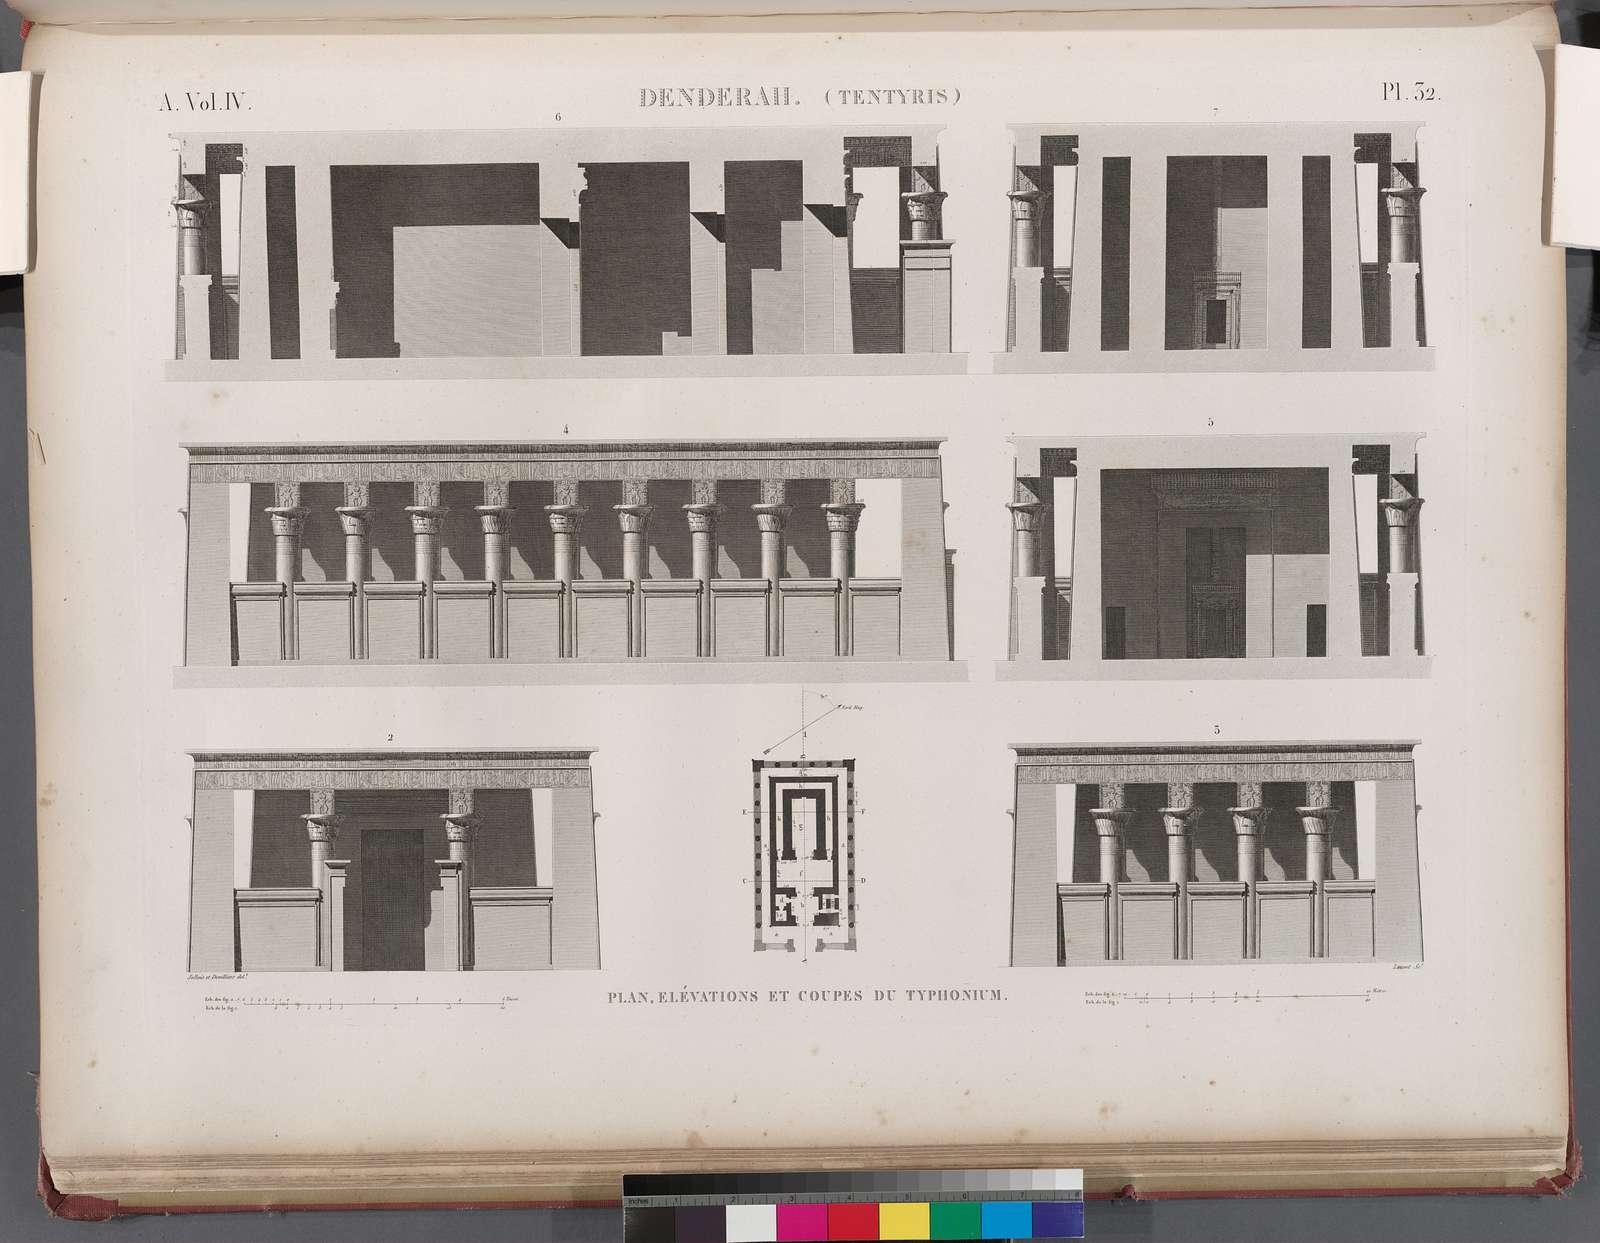 Denderah [Dandara] (Tentyris). Plan,  élévations et coupes du Typhonium.